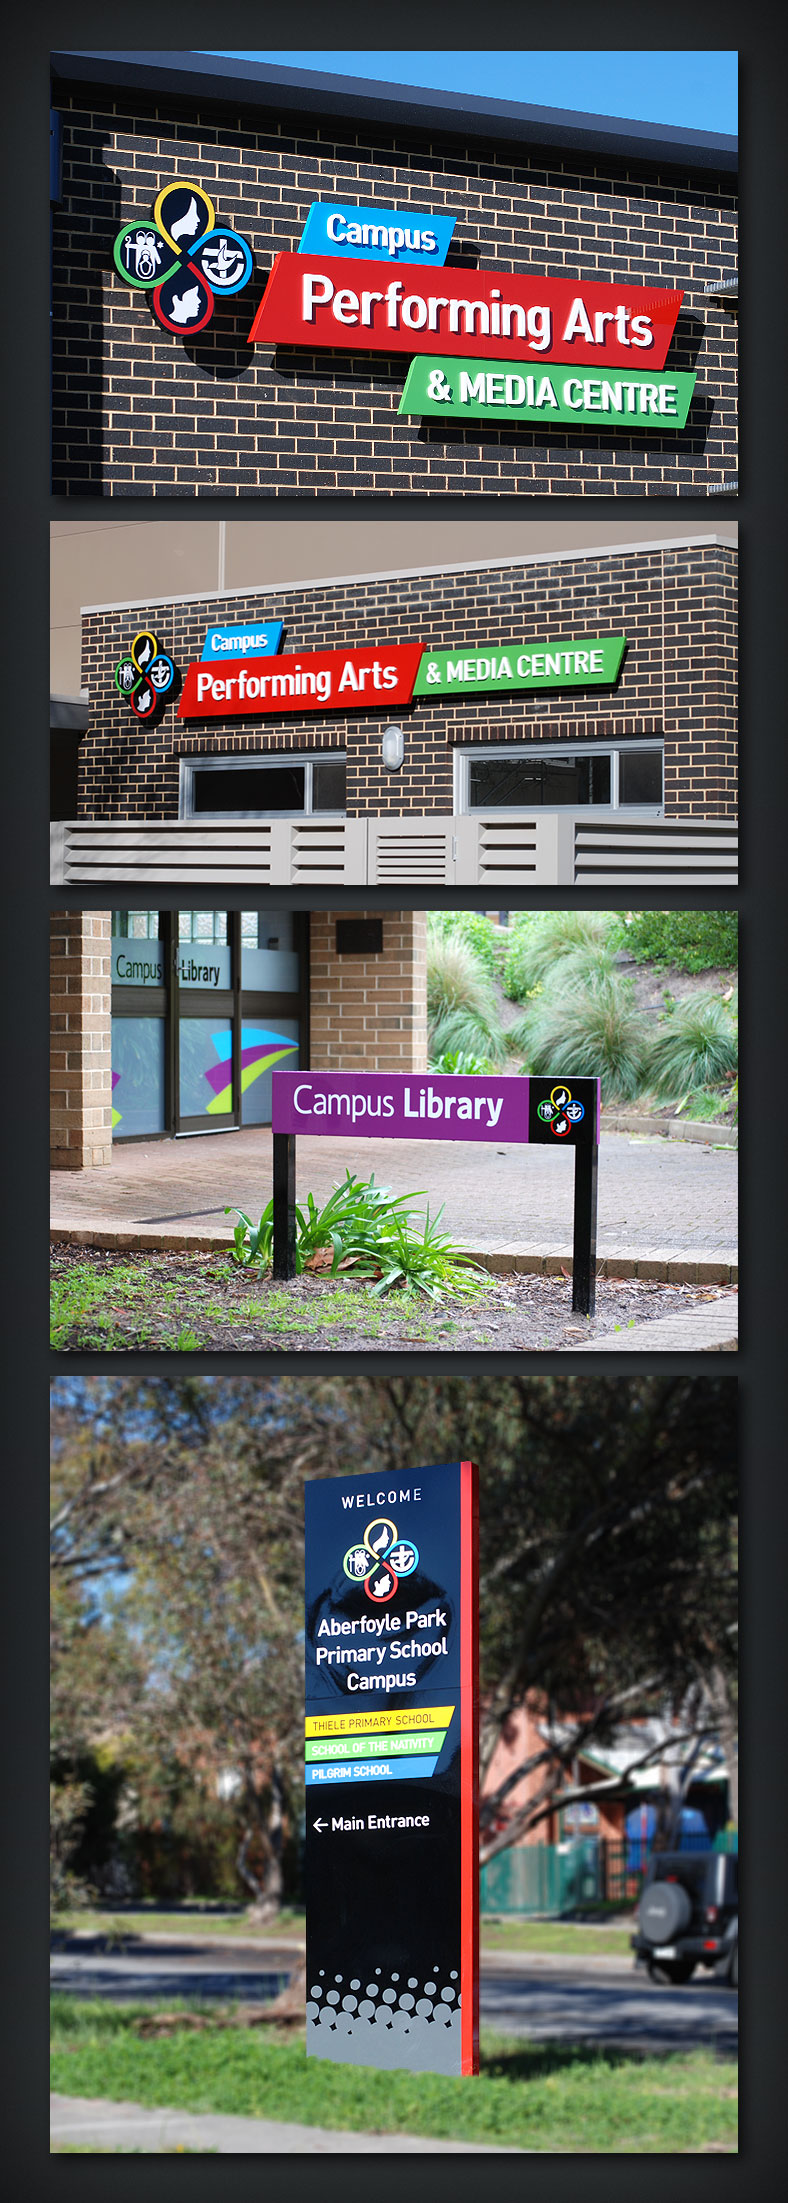 NrG Advertising - Aberfoyle Park Primary School Campus Signage